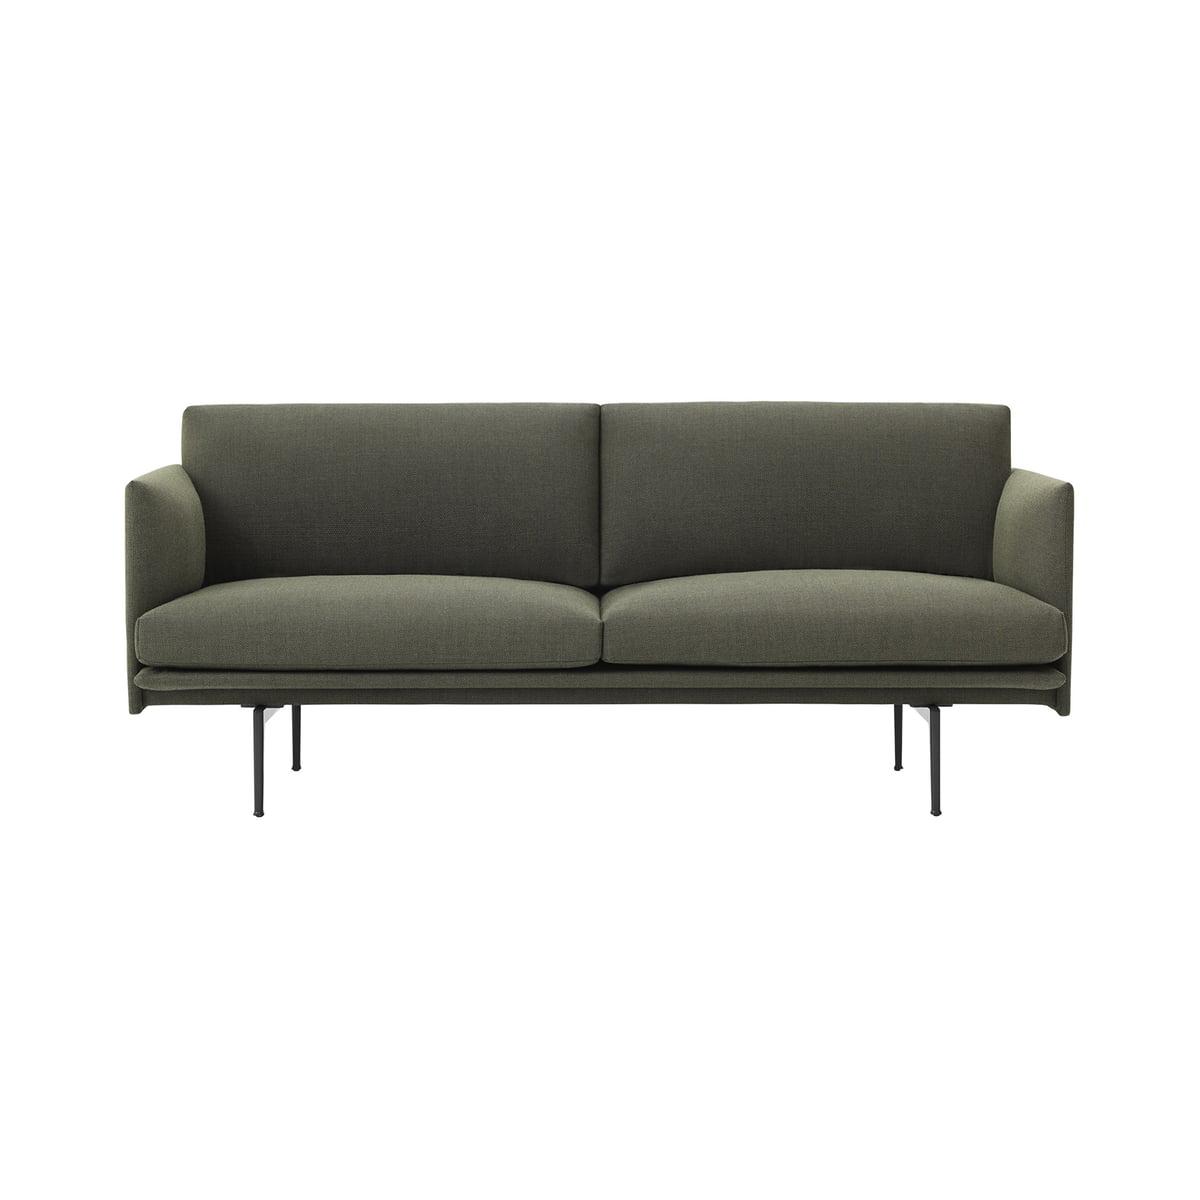 Fabelhaft Sofa Grün Dekoration Von Outline 2-sitzer Von Muuto In Grün